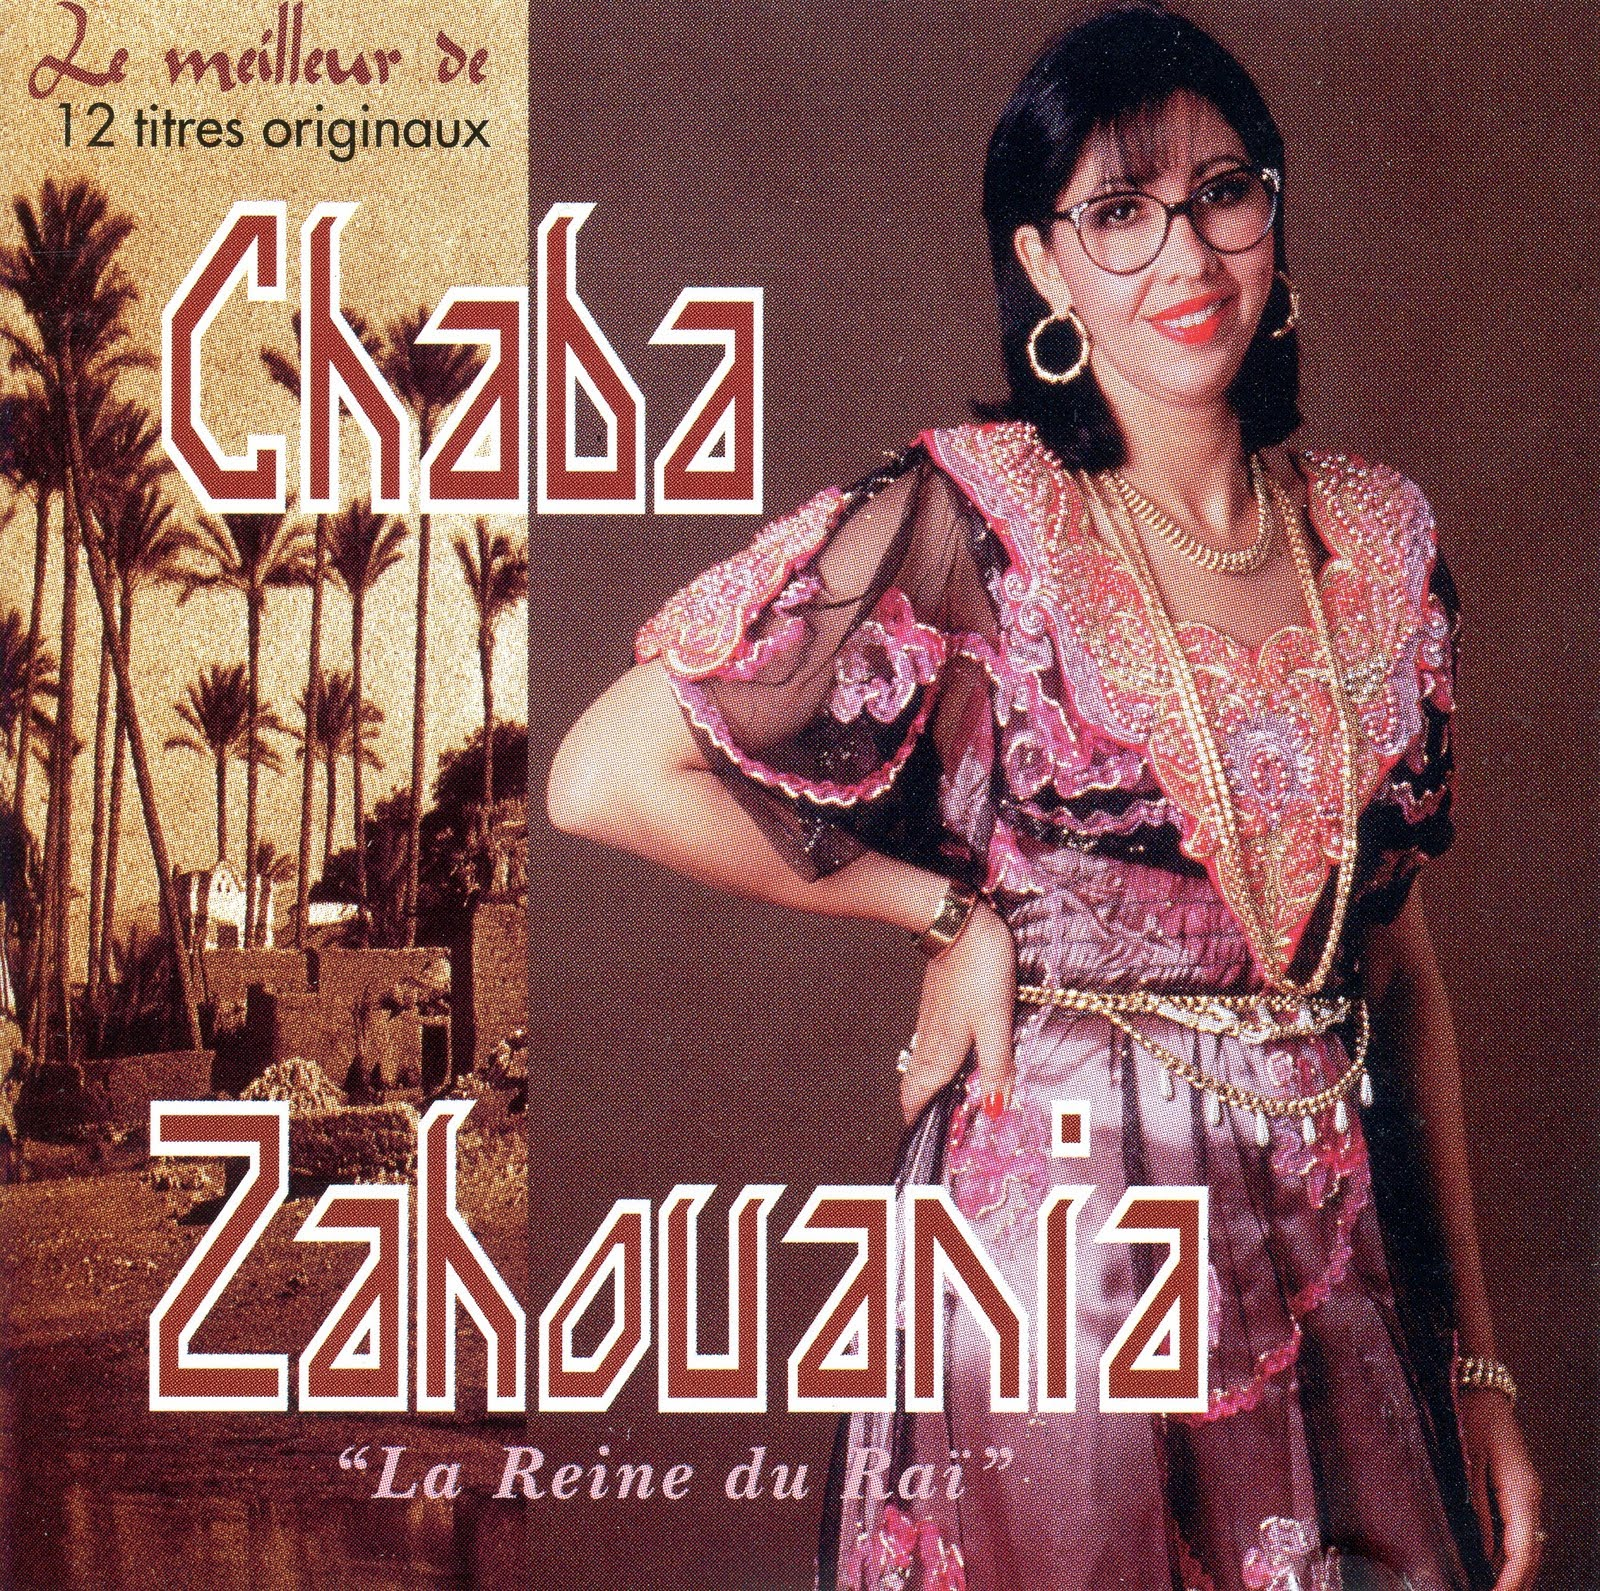 cheba zahouania - rijal el allah